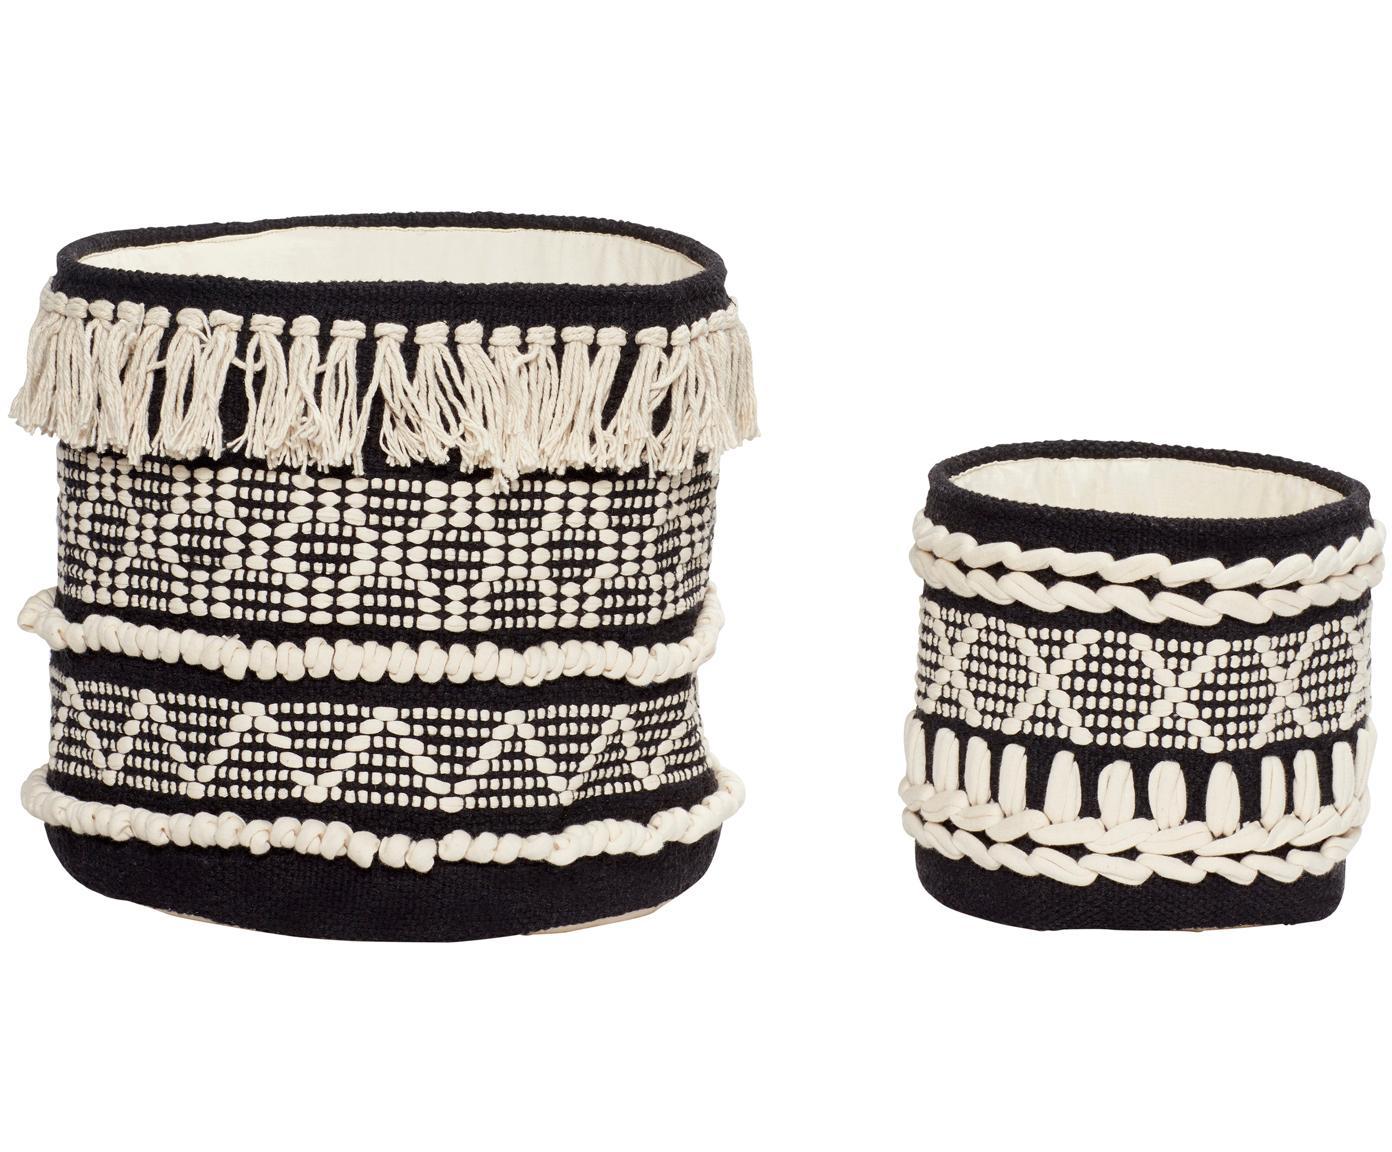 Komplet koszy do przechowywania Pique, 2 elem., Bawełna, Kosze: czarny Szczegóły i frędzle: biały, Różne rozmiary